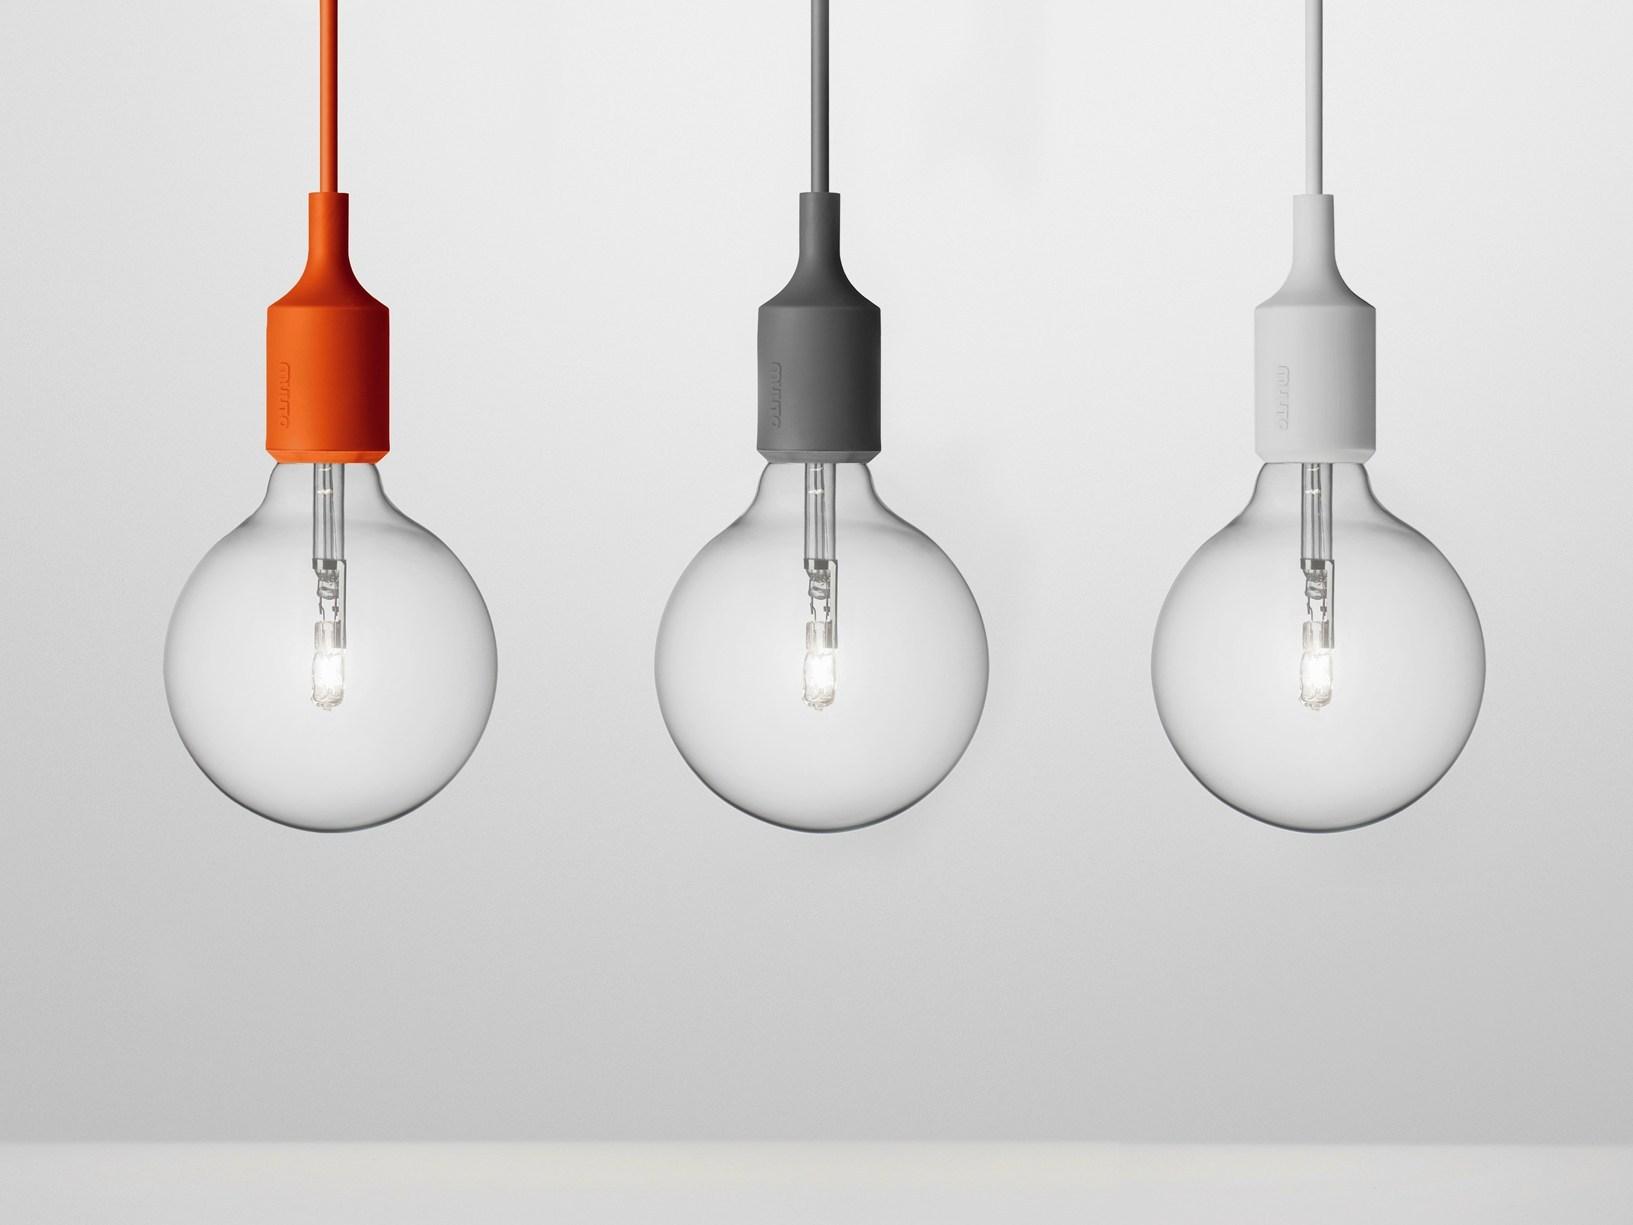 Nuove versioni delle lampade muuto